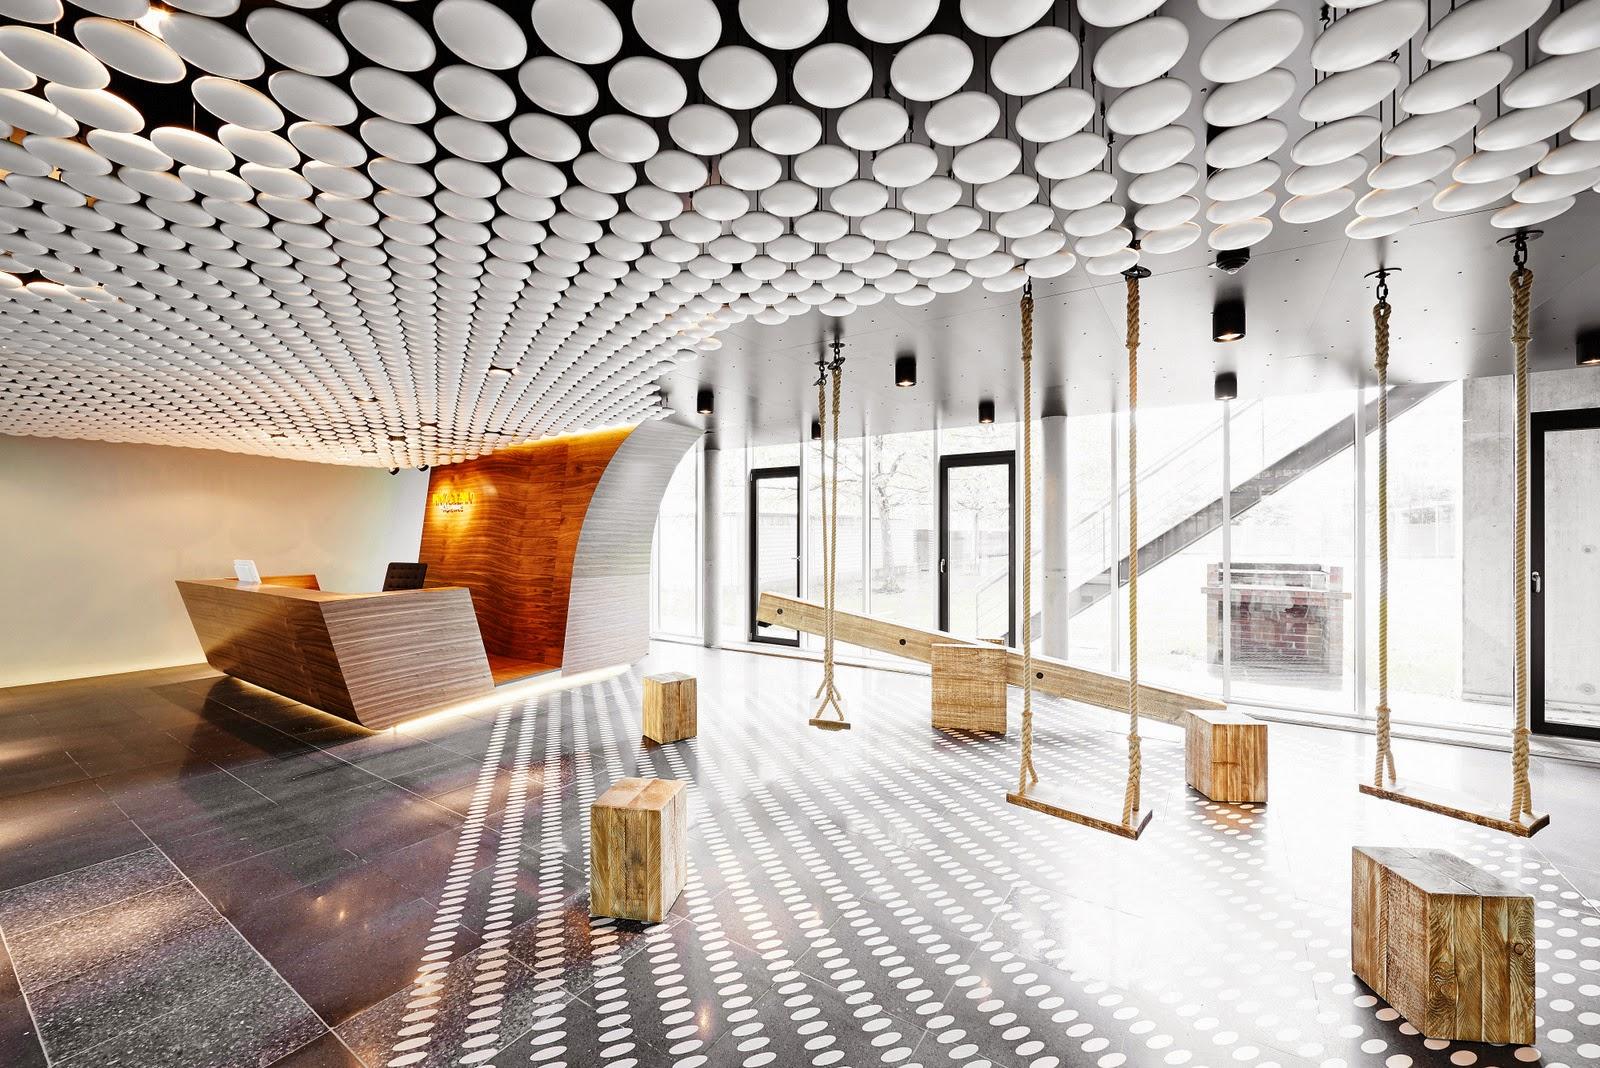 desain-interior-kantor-modern-dinamis-energik-innocean-ruang dan rumahku-blogspot_007